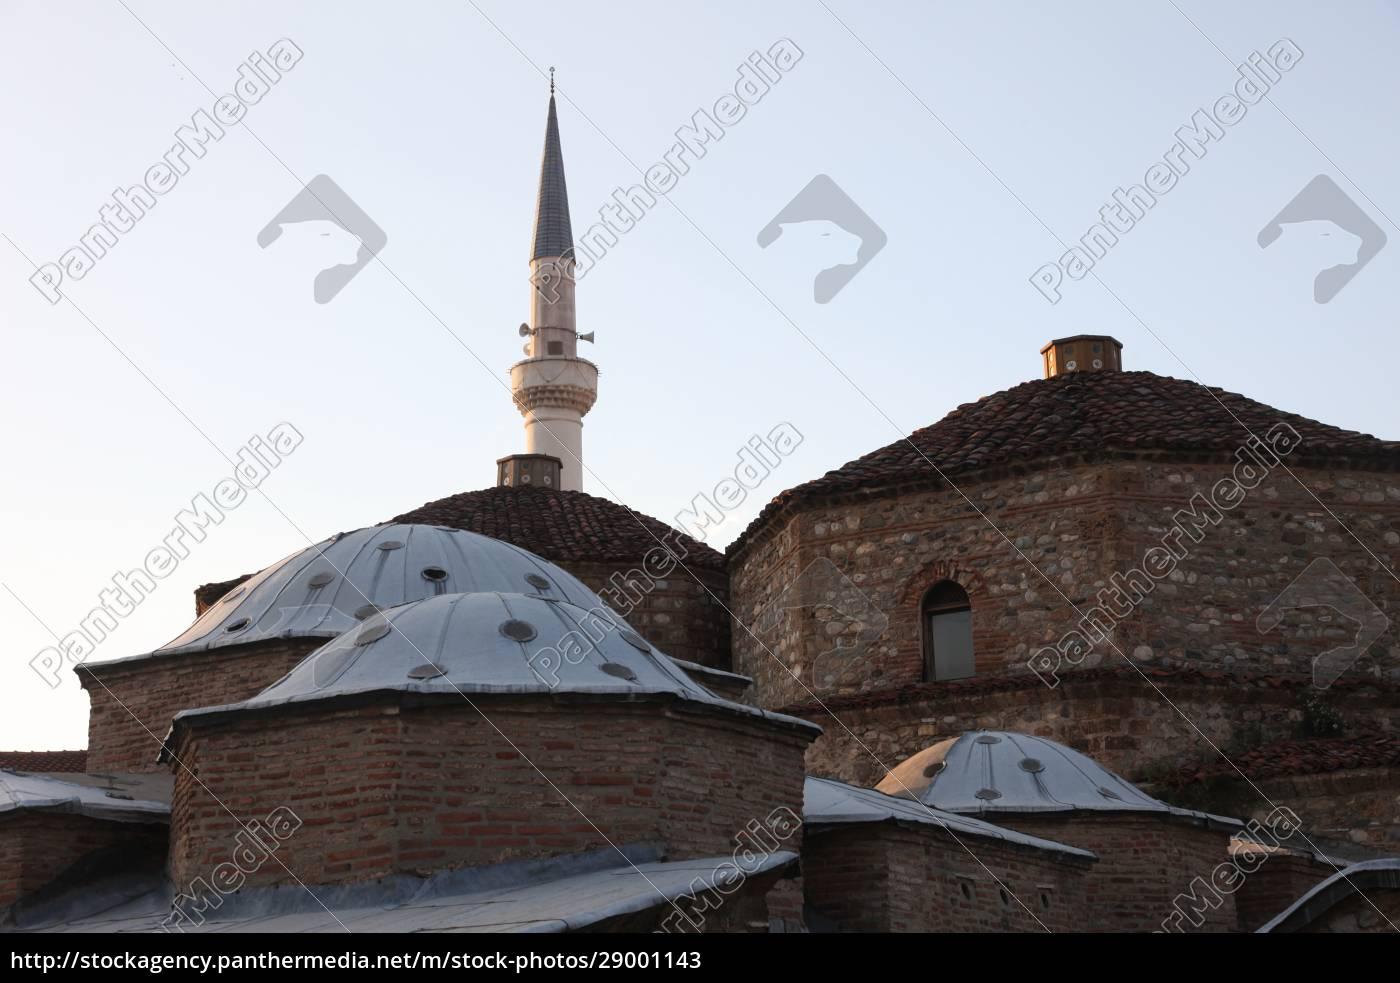 prizren, kosovo - 29001143